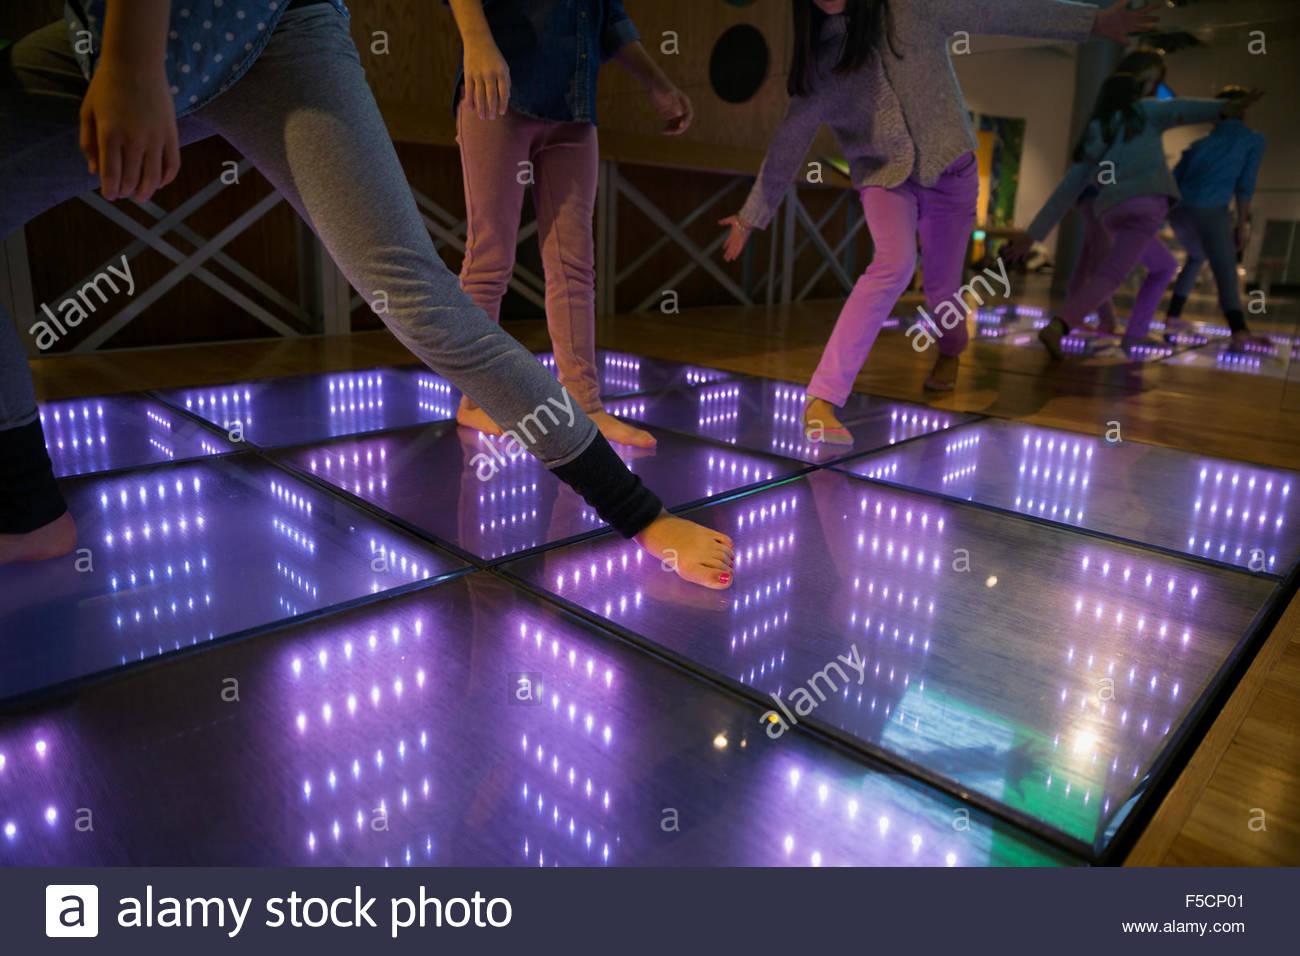 A piedi nudi ragazze danza pavimento illuminato science center presentano Immagini Stock